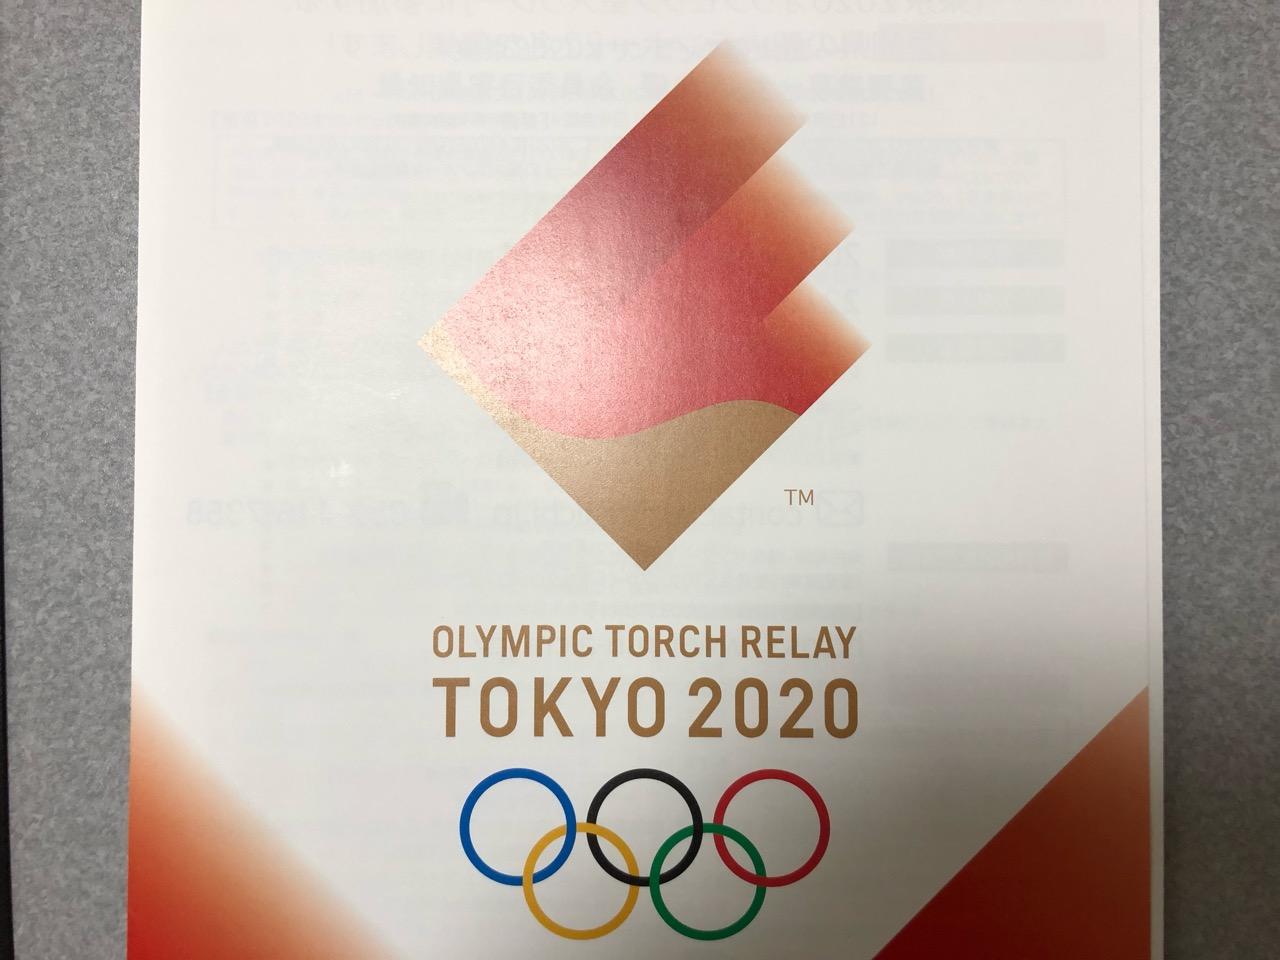 2020年東京オリンピックの聖火ランナー募集